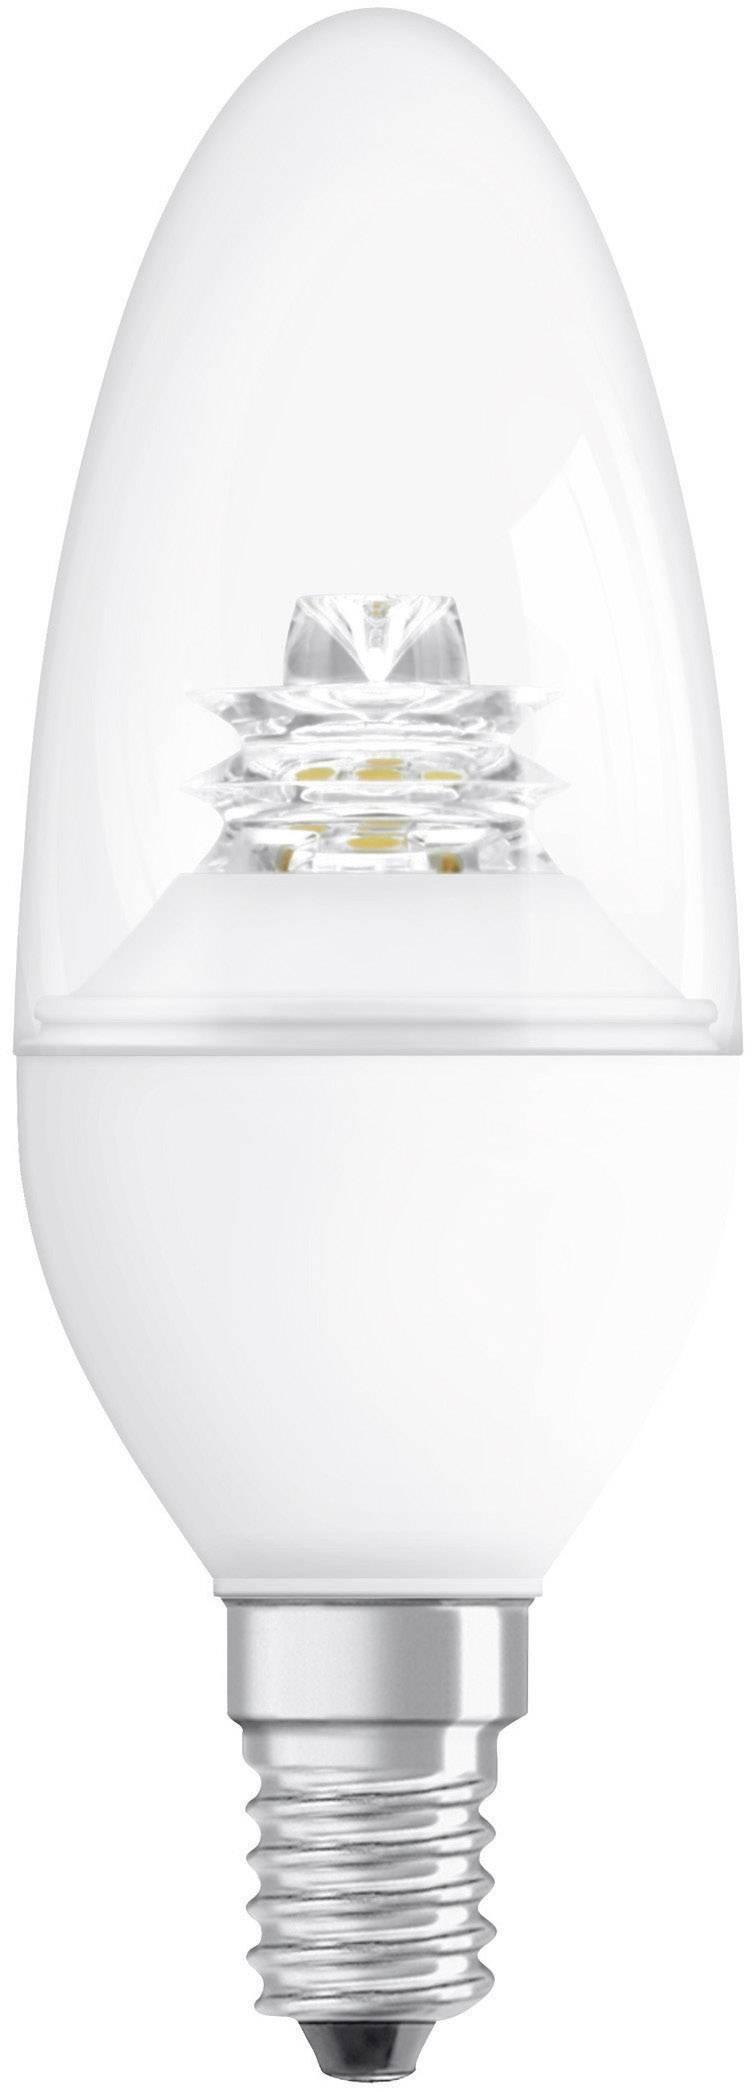 LED žiarovka Osram SST E14, 4,5 W, teplá biela, stmievateľná sviečka